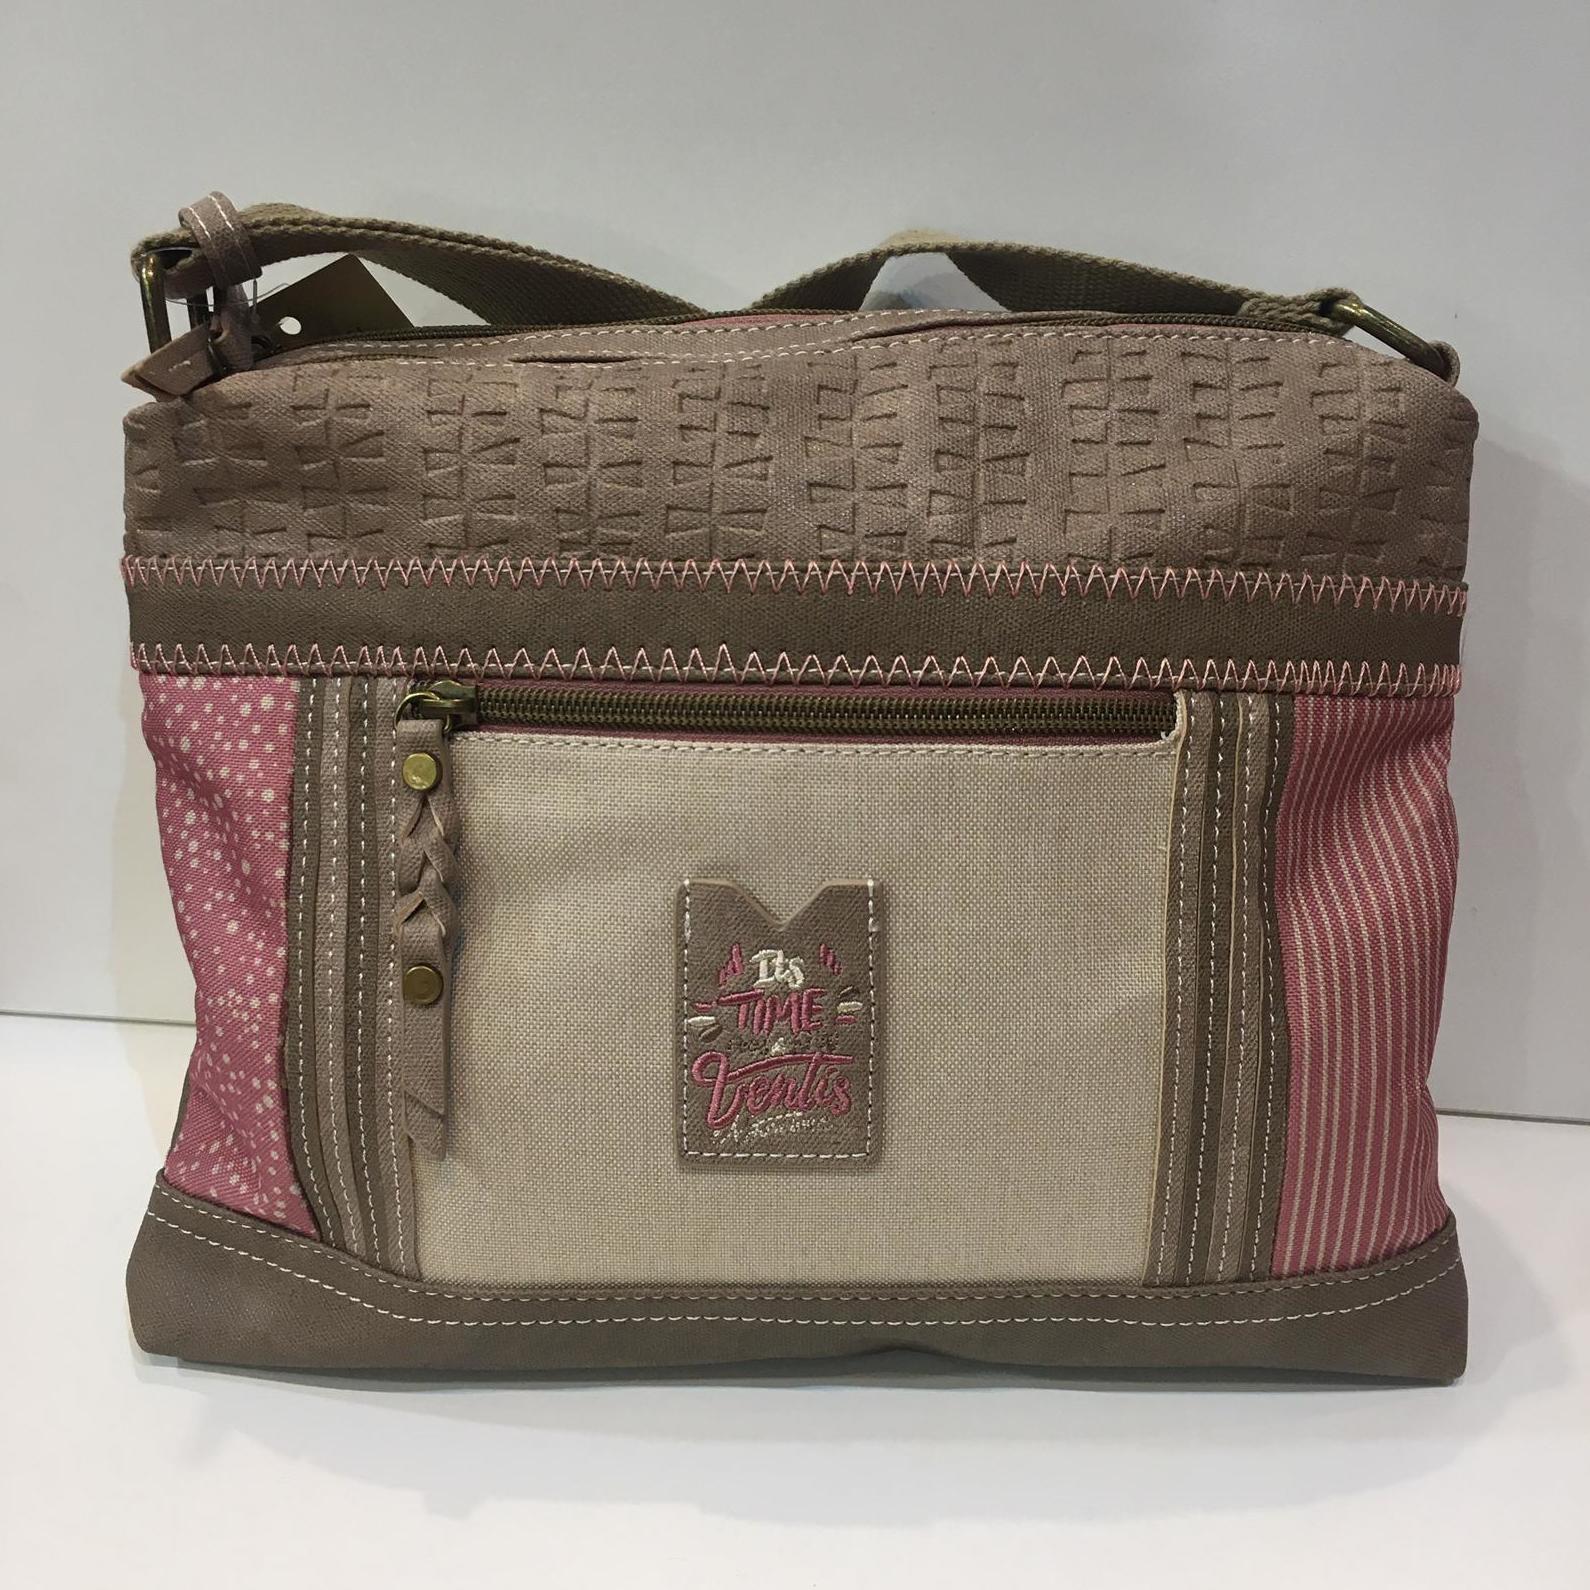 Bossa de la marca Ventis, de mida mitjana, amb molts compartiments per a una bona organització 35€